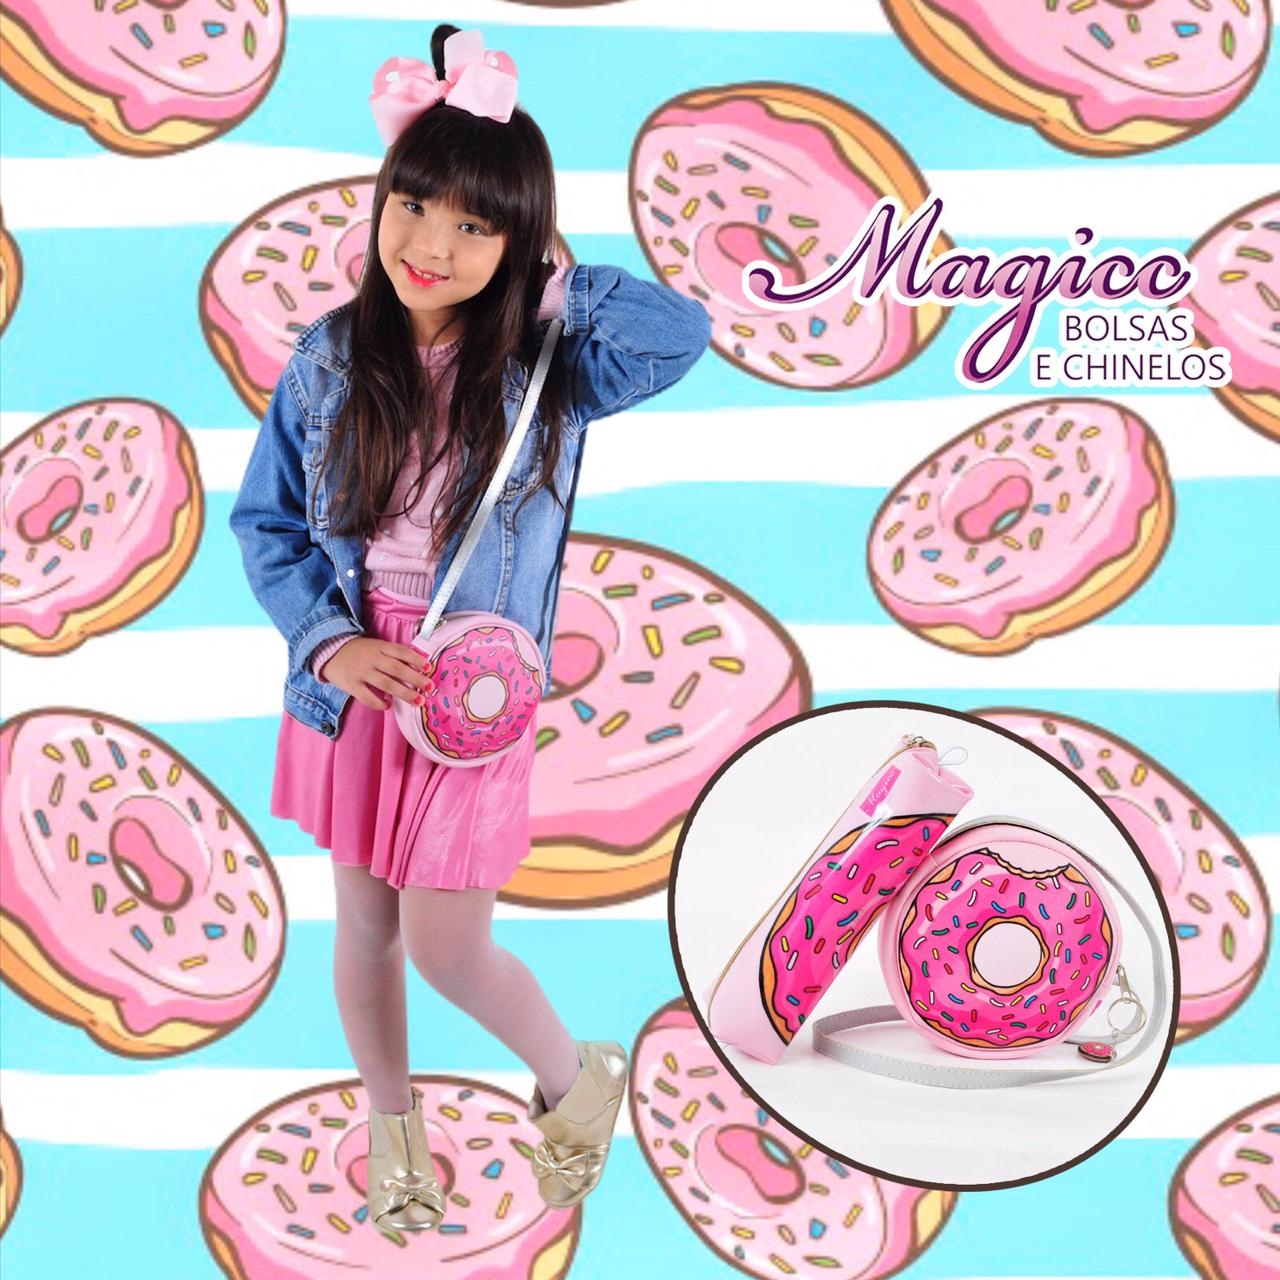 Bolsa Infantil Donut Rosa, Magicc